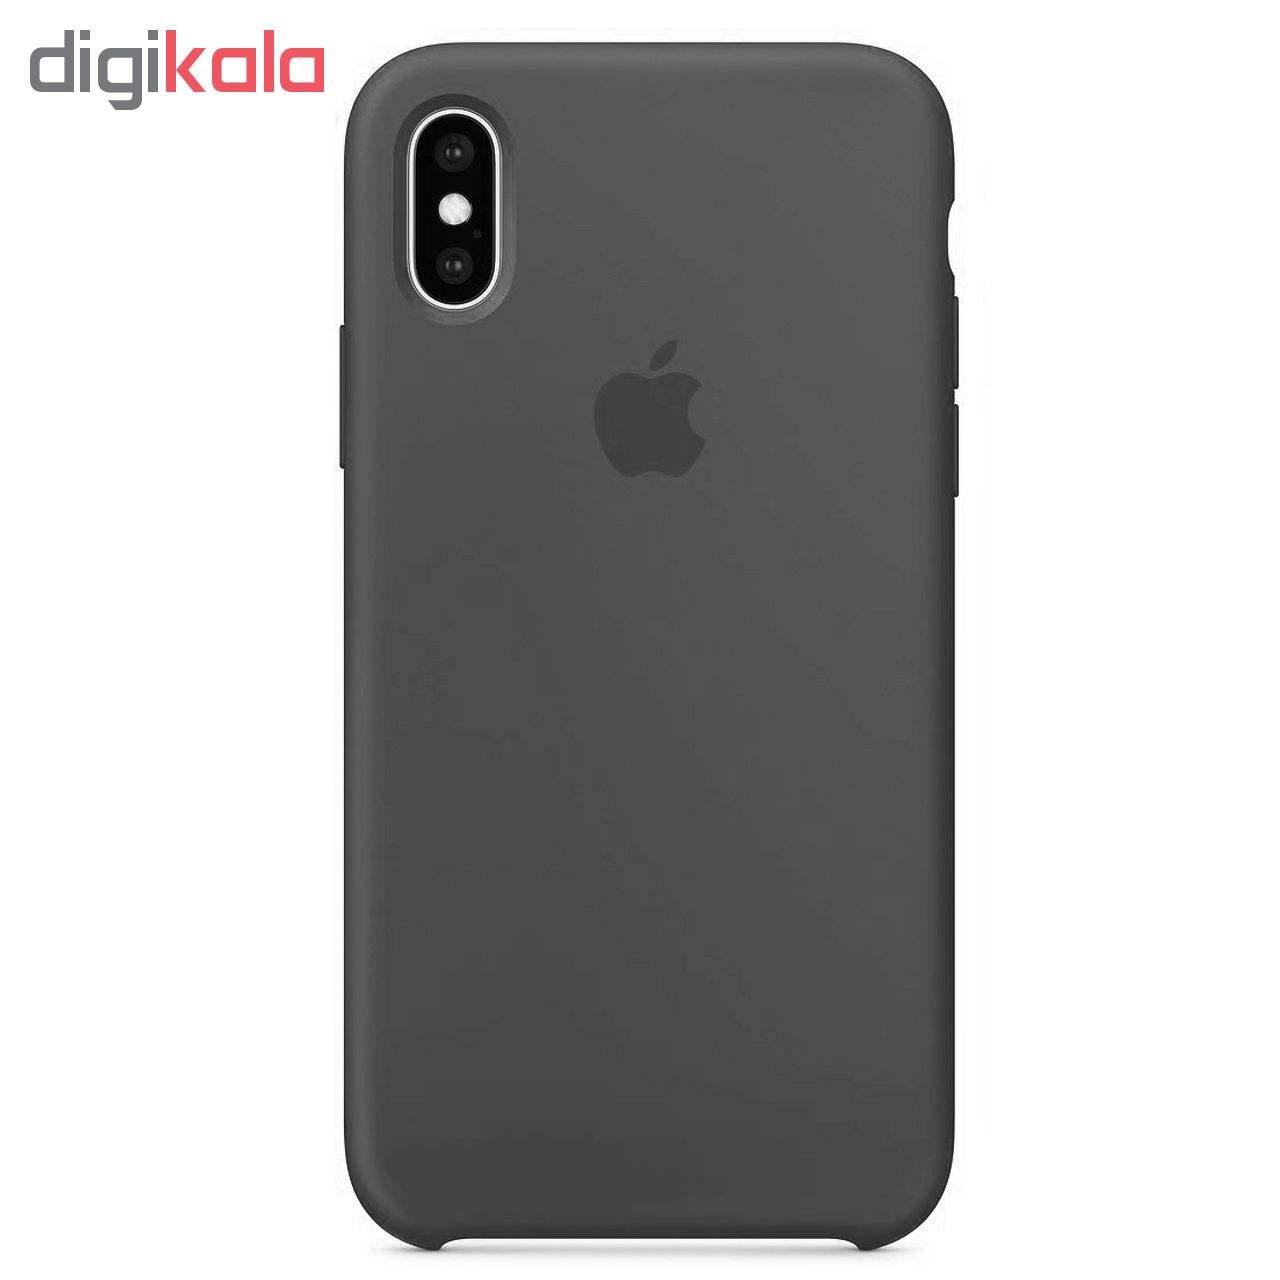 کاور مدل sili003 مناسب برای گوشی موبایل اپل Iphone X / XS thumb 11